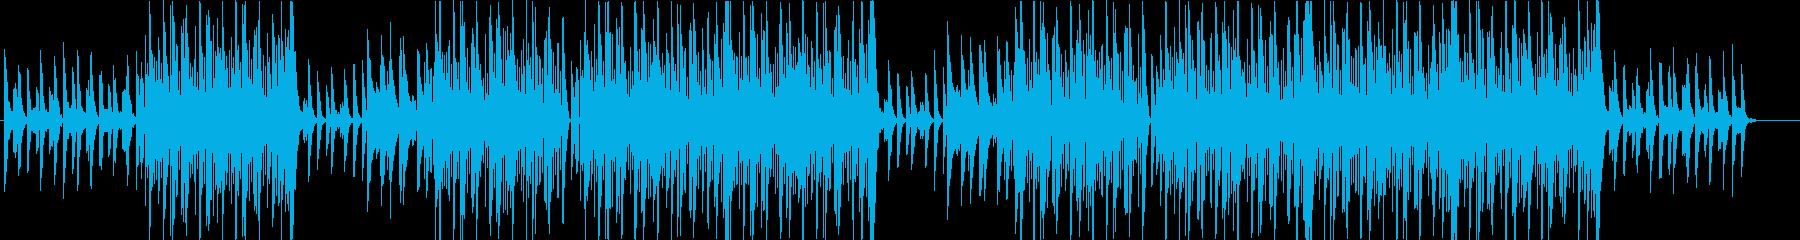 洋楽、ポップス、トラップ、ヒップホップ♪の再生済みの波形